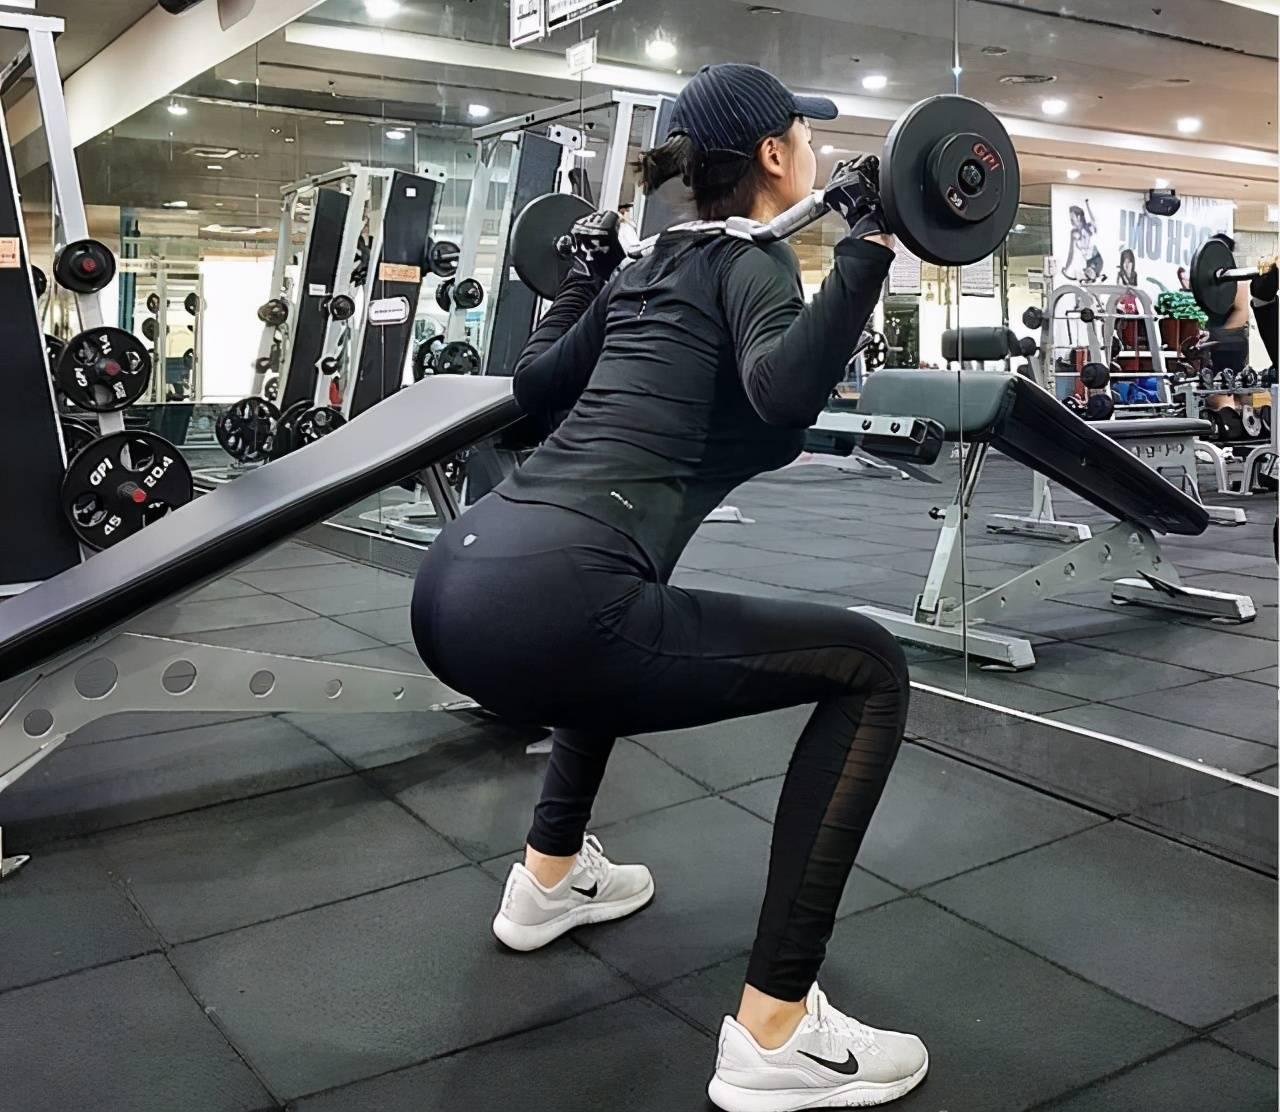 挑战一次进行200个坐姿转体,我挑战成功了吗?这样锻炼好吗?_运动